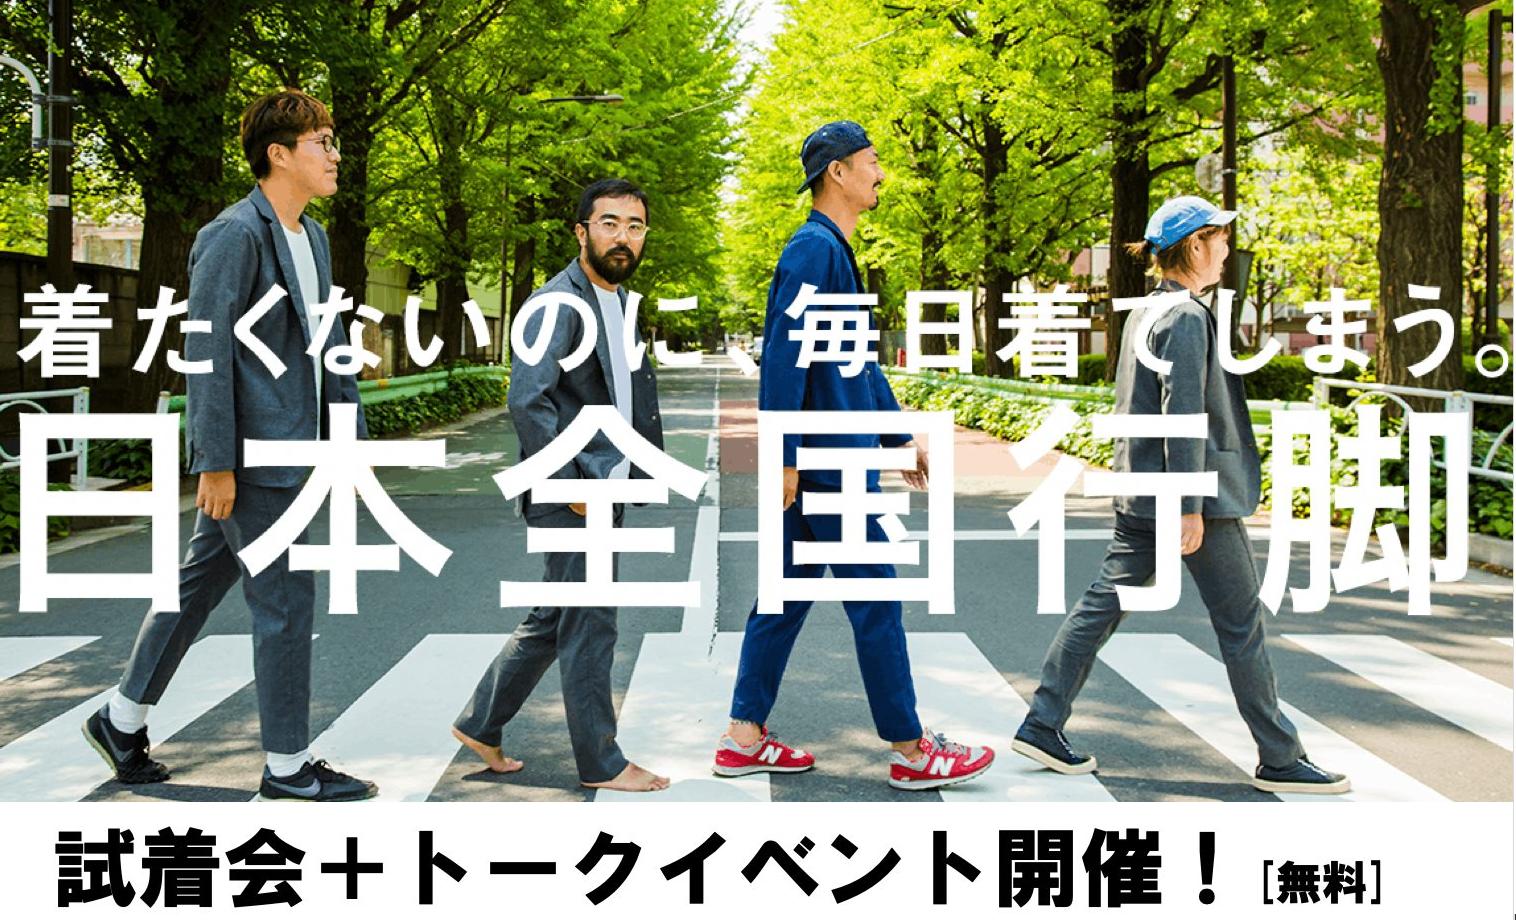 【イベント】ALL YOURS オールユアーズ トークイベント&試着会を開催